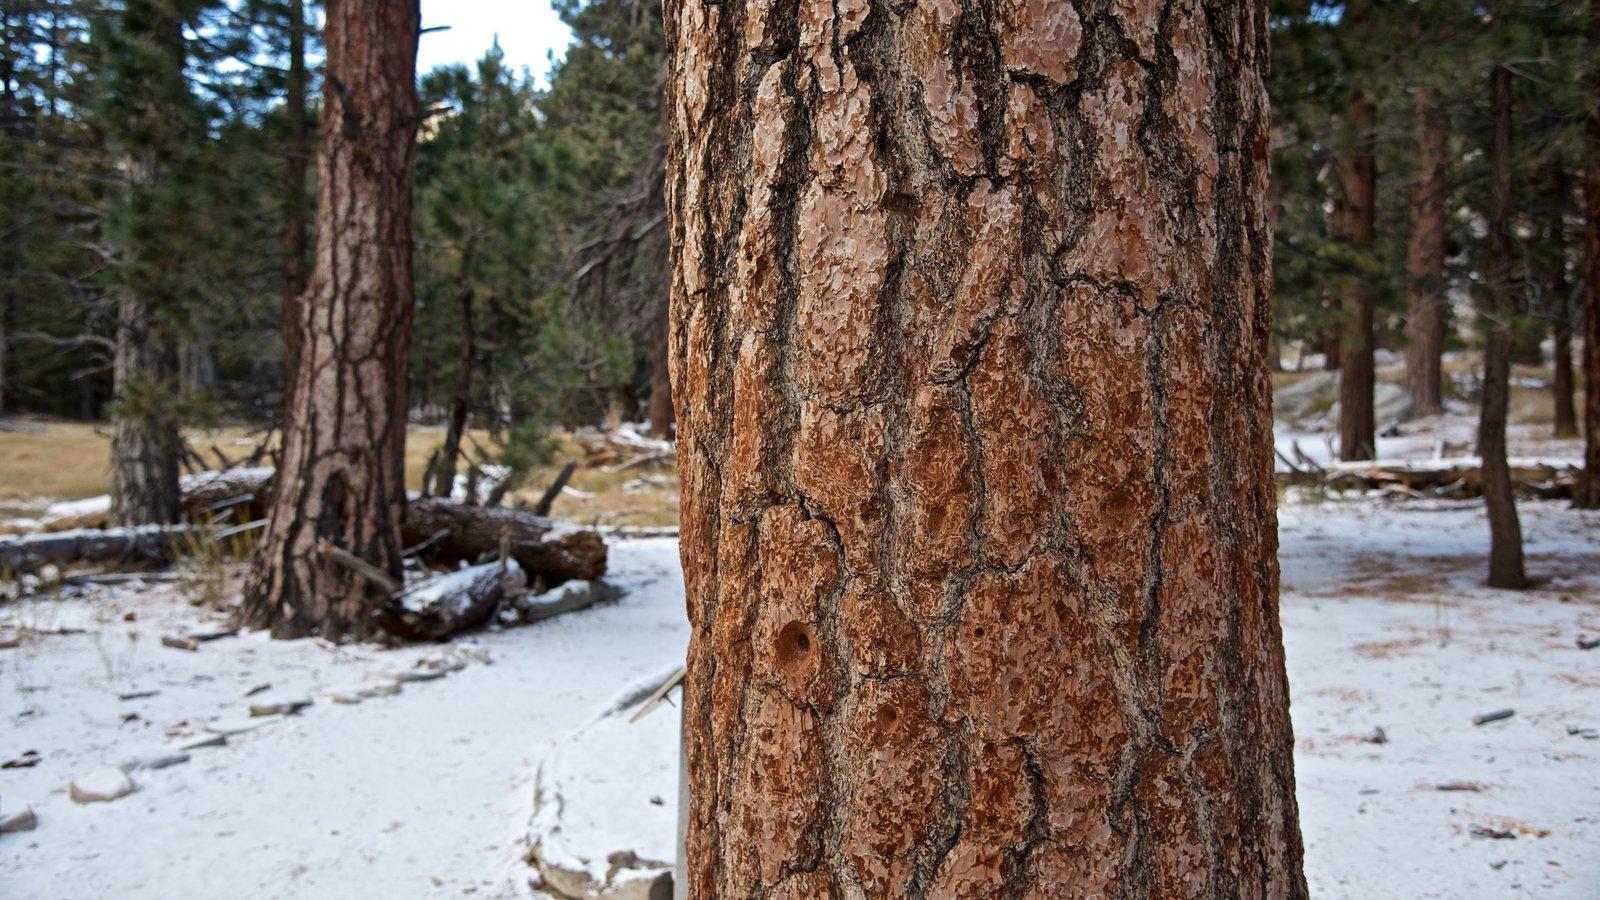 Parque estatal Mount San Jacinto ofreciendo nieve y bosques